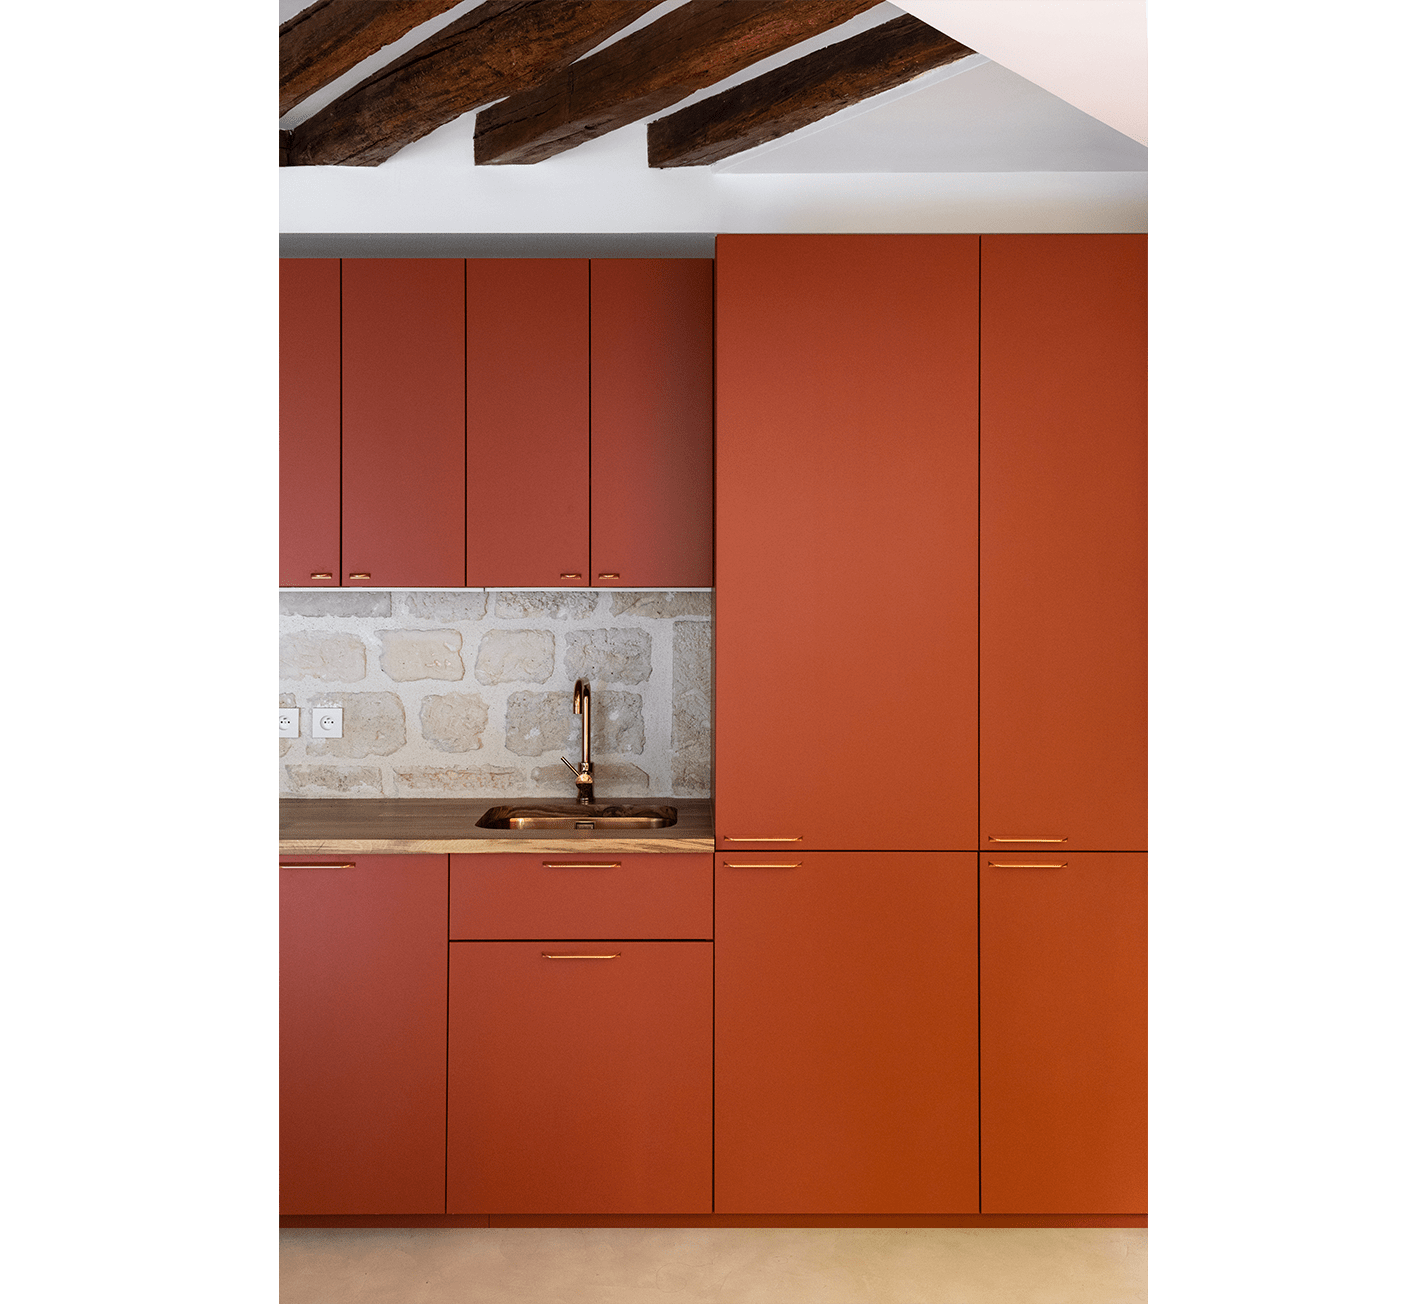 Projet-Gobelins-Atelier-Steve-Pauline-Borgia-Architecte-interieur-02-min